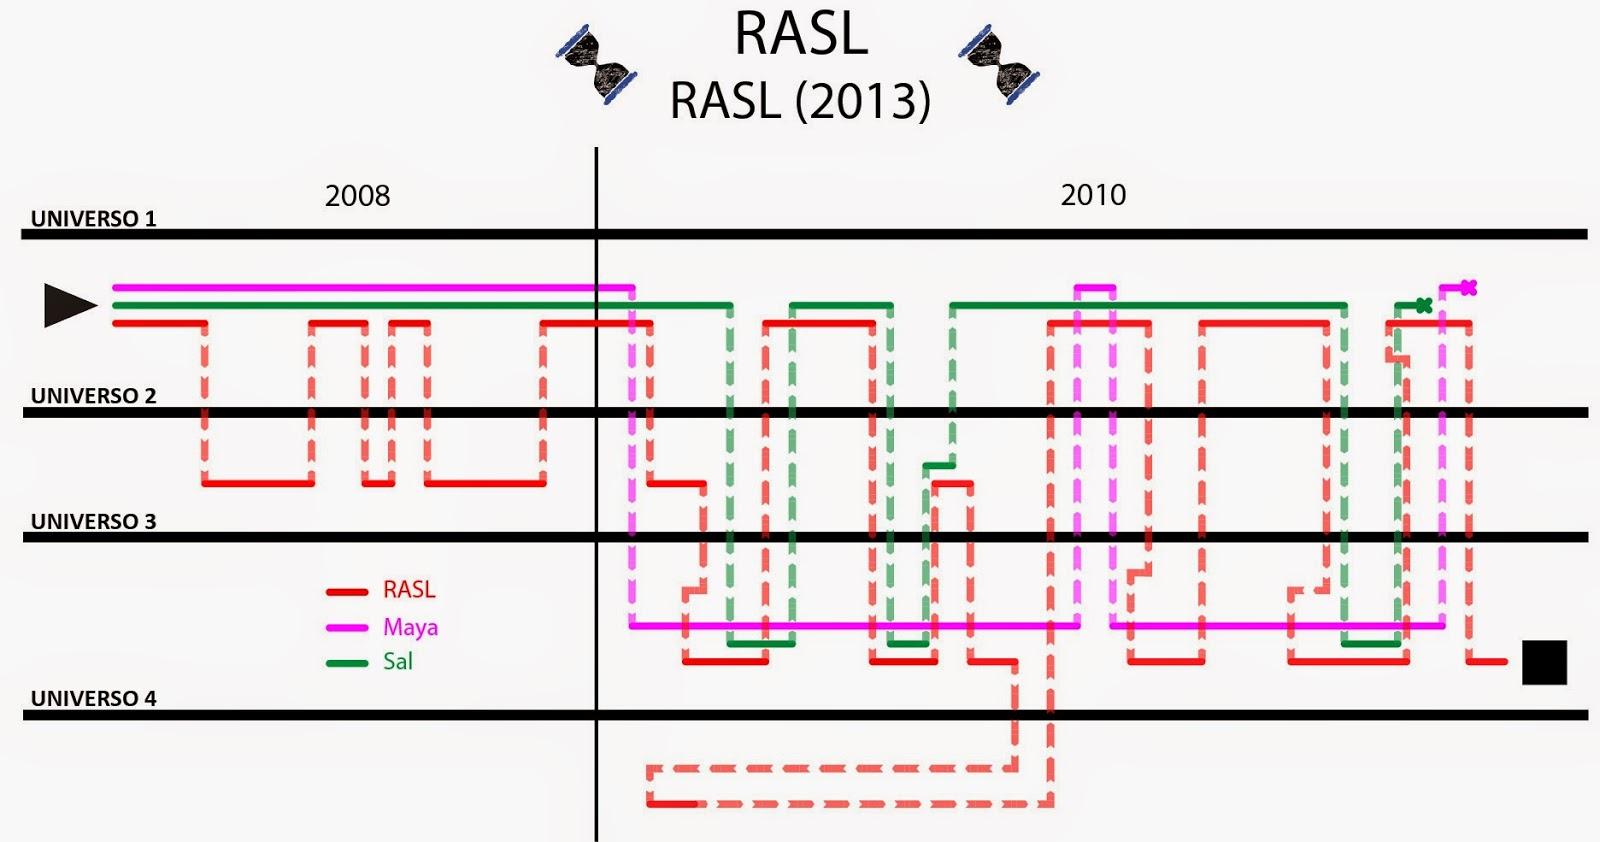 cómic, RASL, novela gráfica, universos paralelos, time travel, nikola tesla, tesla, viajes en el tiempo, time line, parallel universes